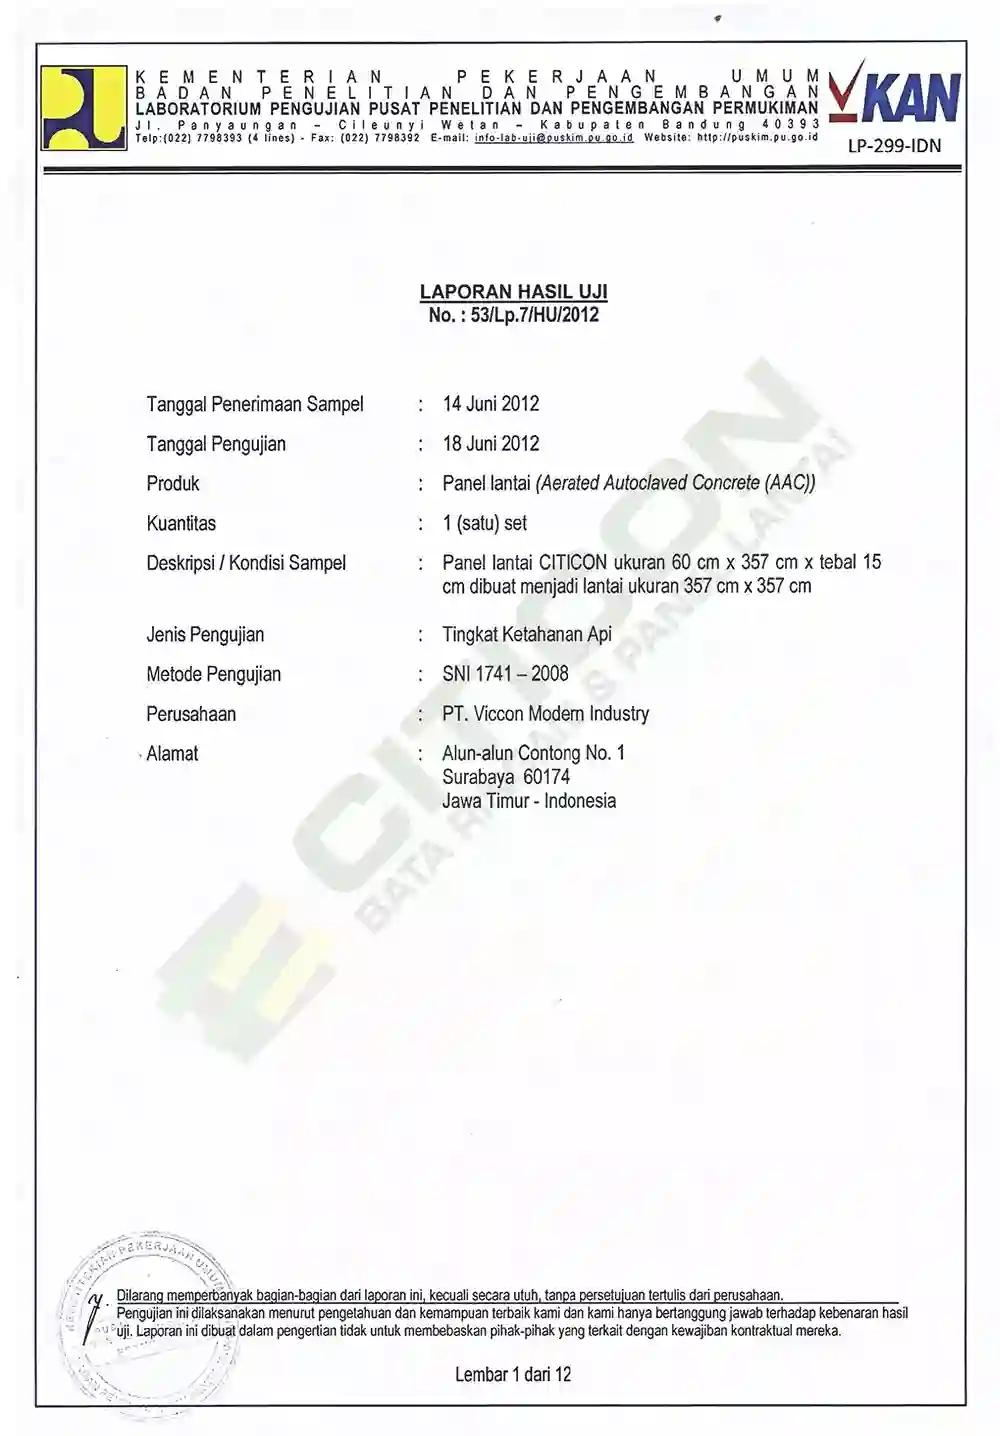 sertifikat dan tes uji panel lantai citicon